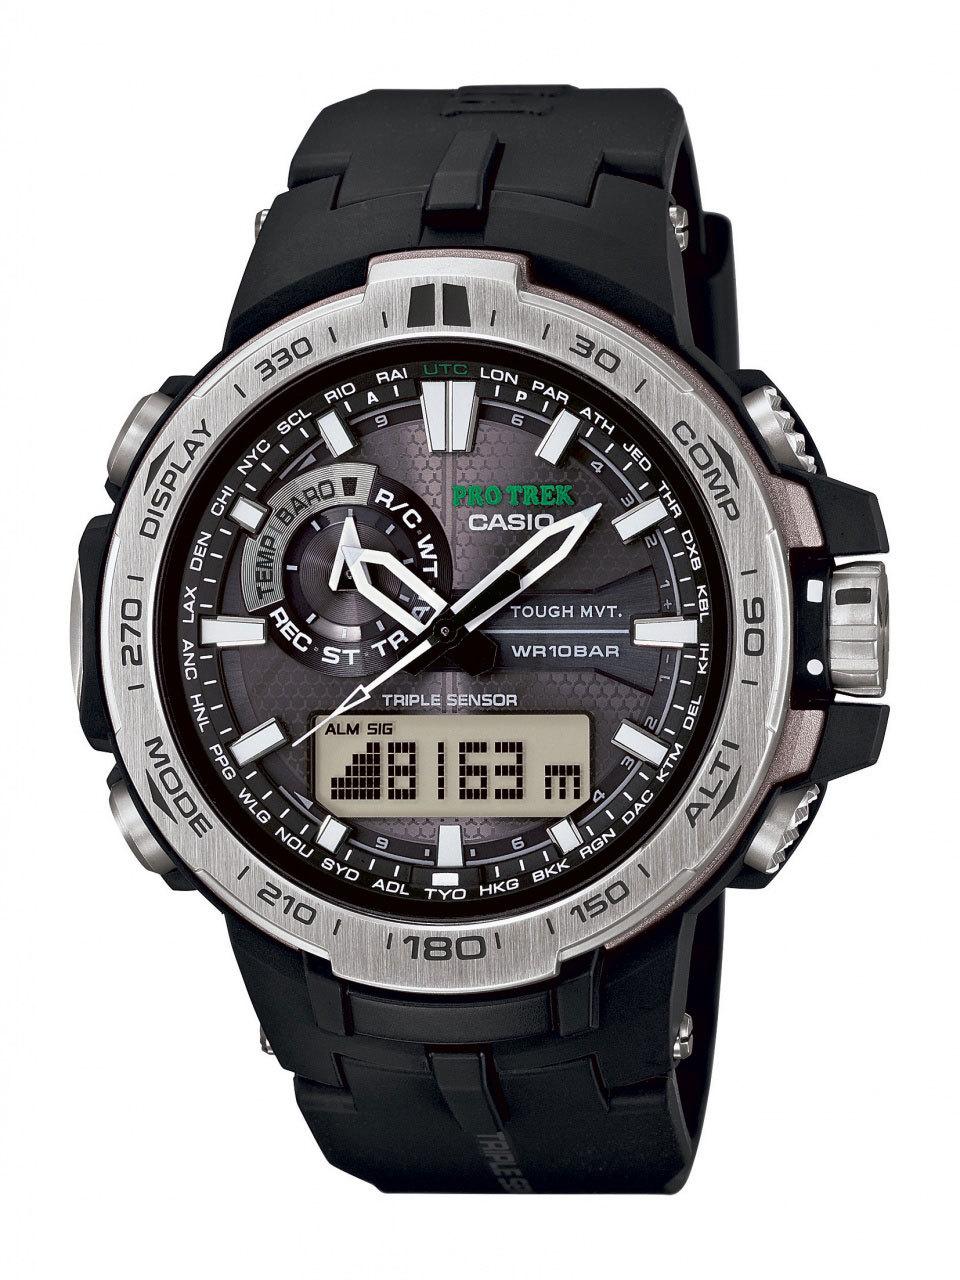 Casio Protrek PRW-6000-1E / PRW-6000-1ER - оригинальные наручные часы